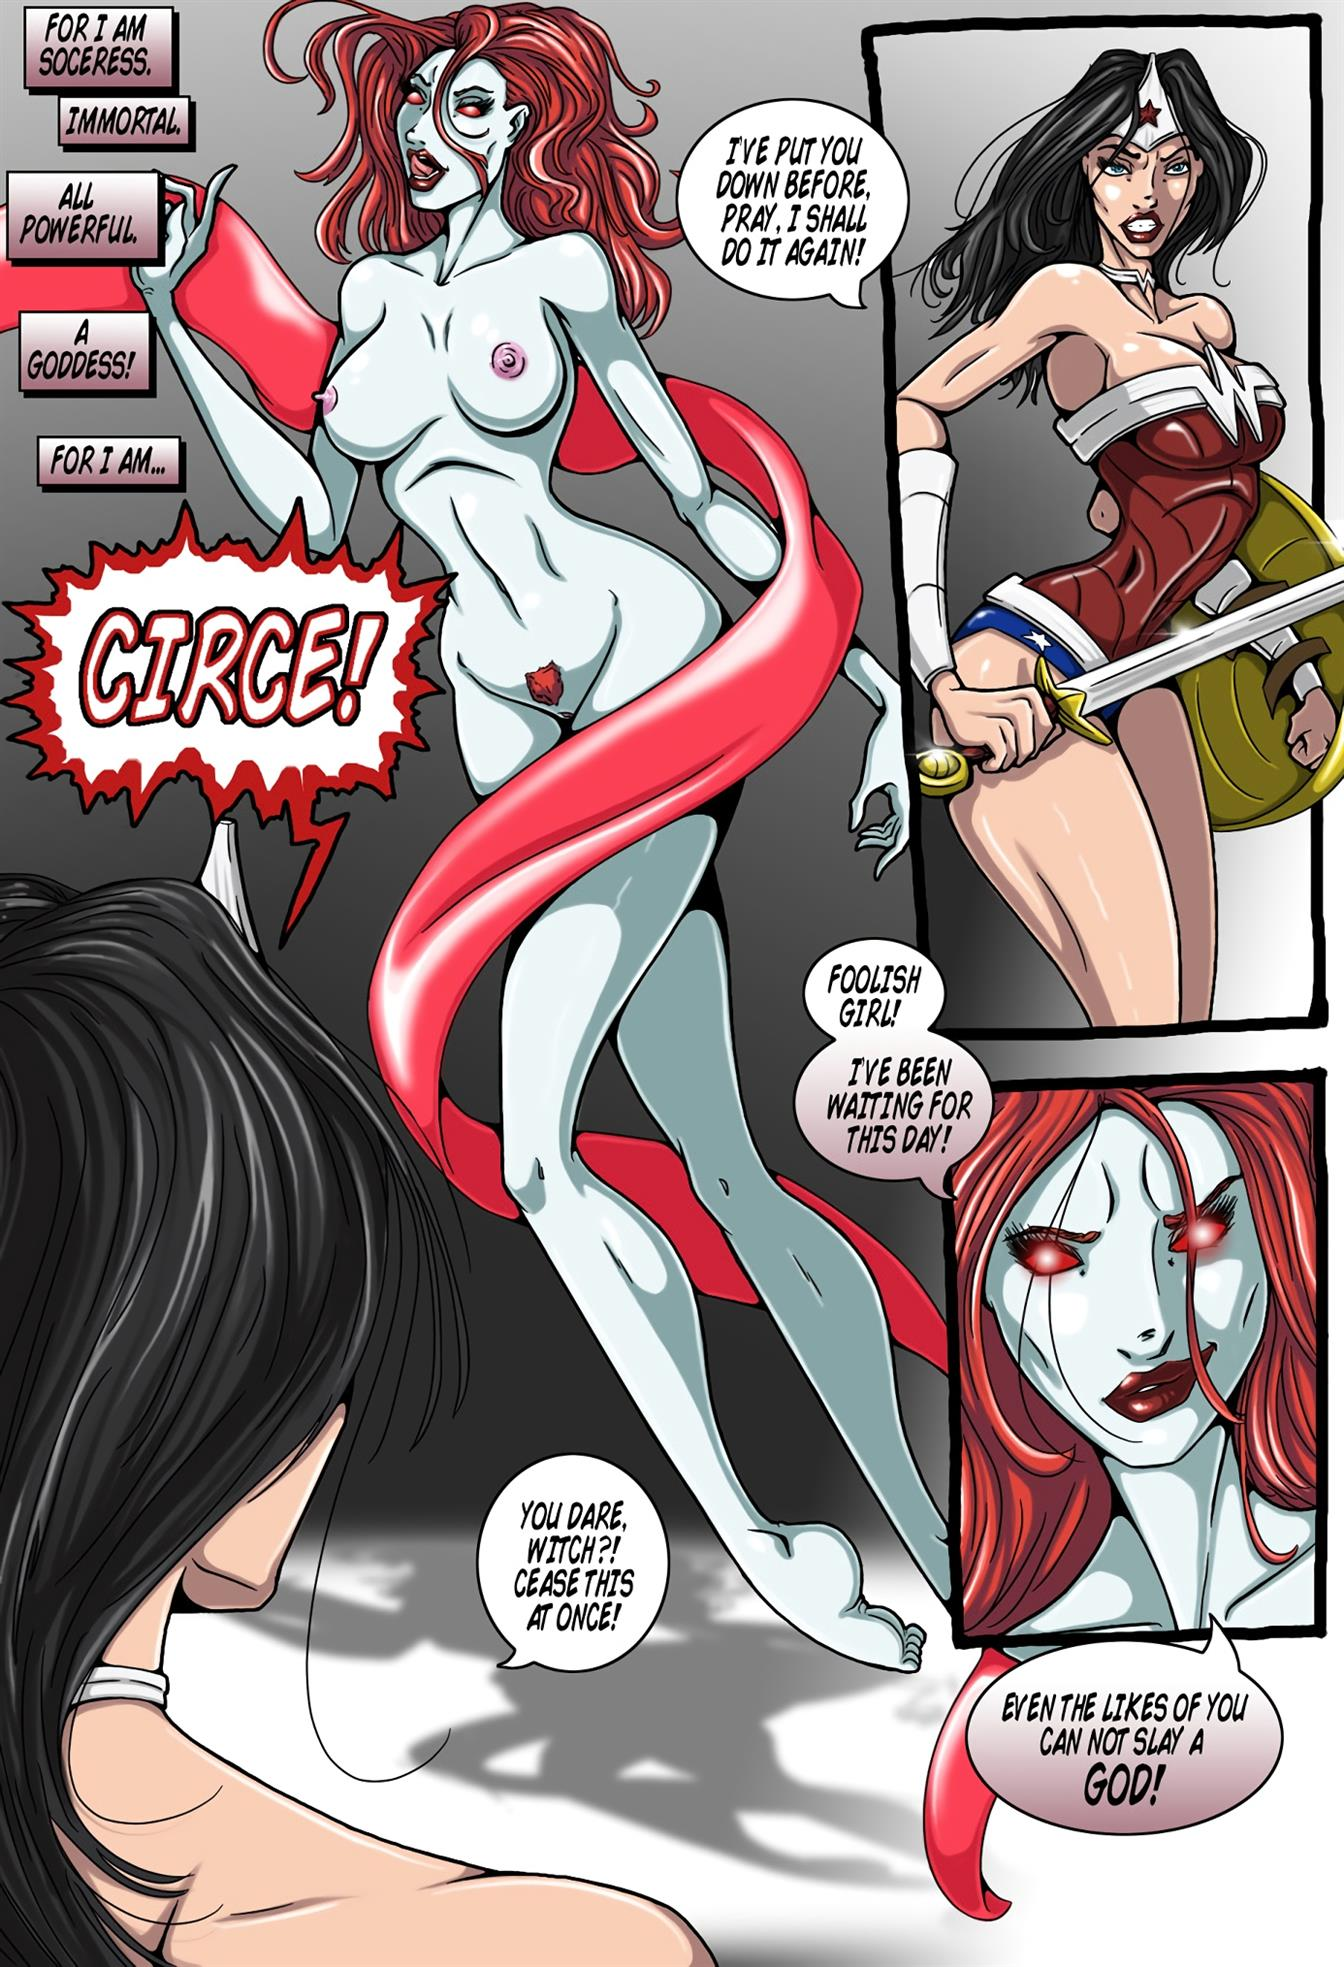 True Injustice (Supergirl)